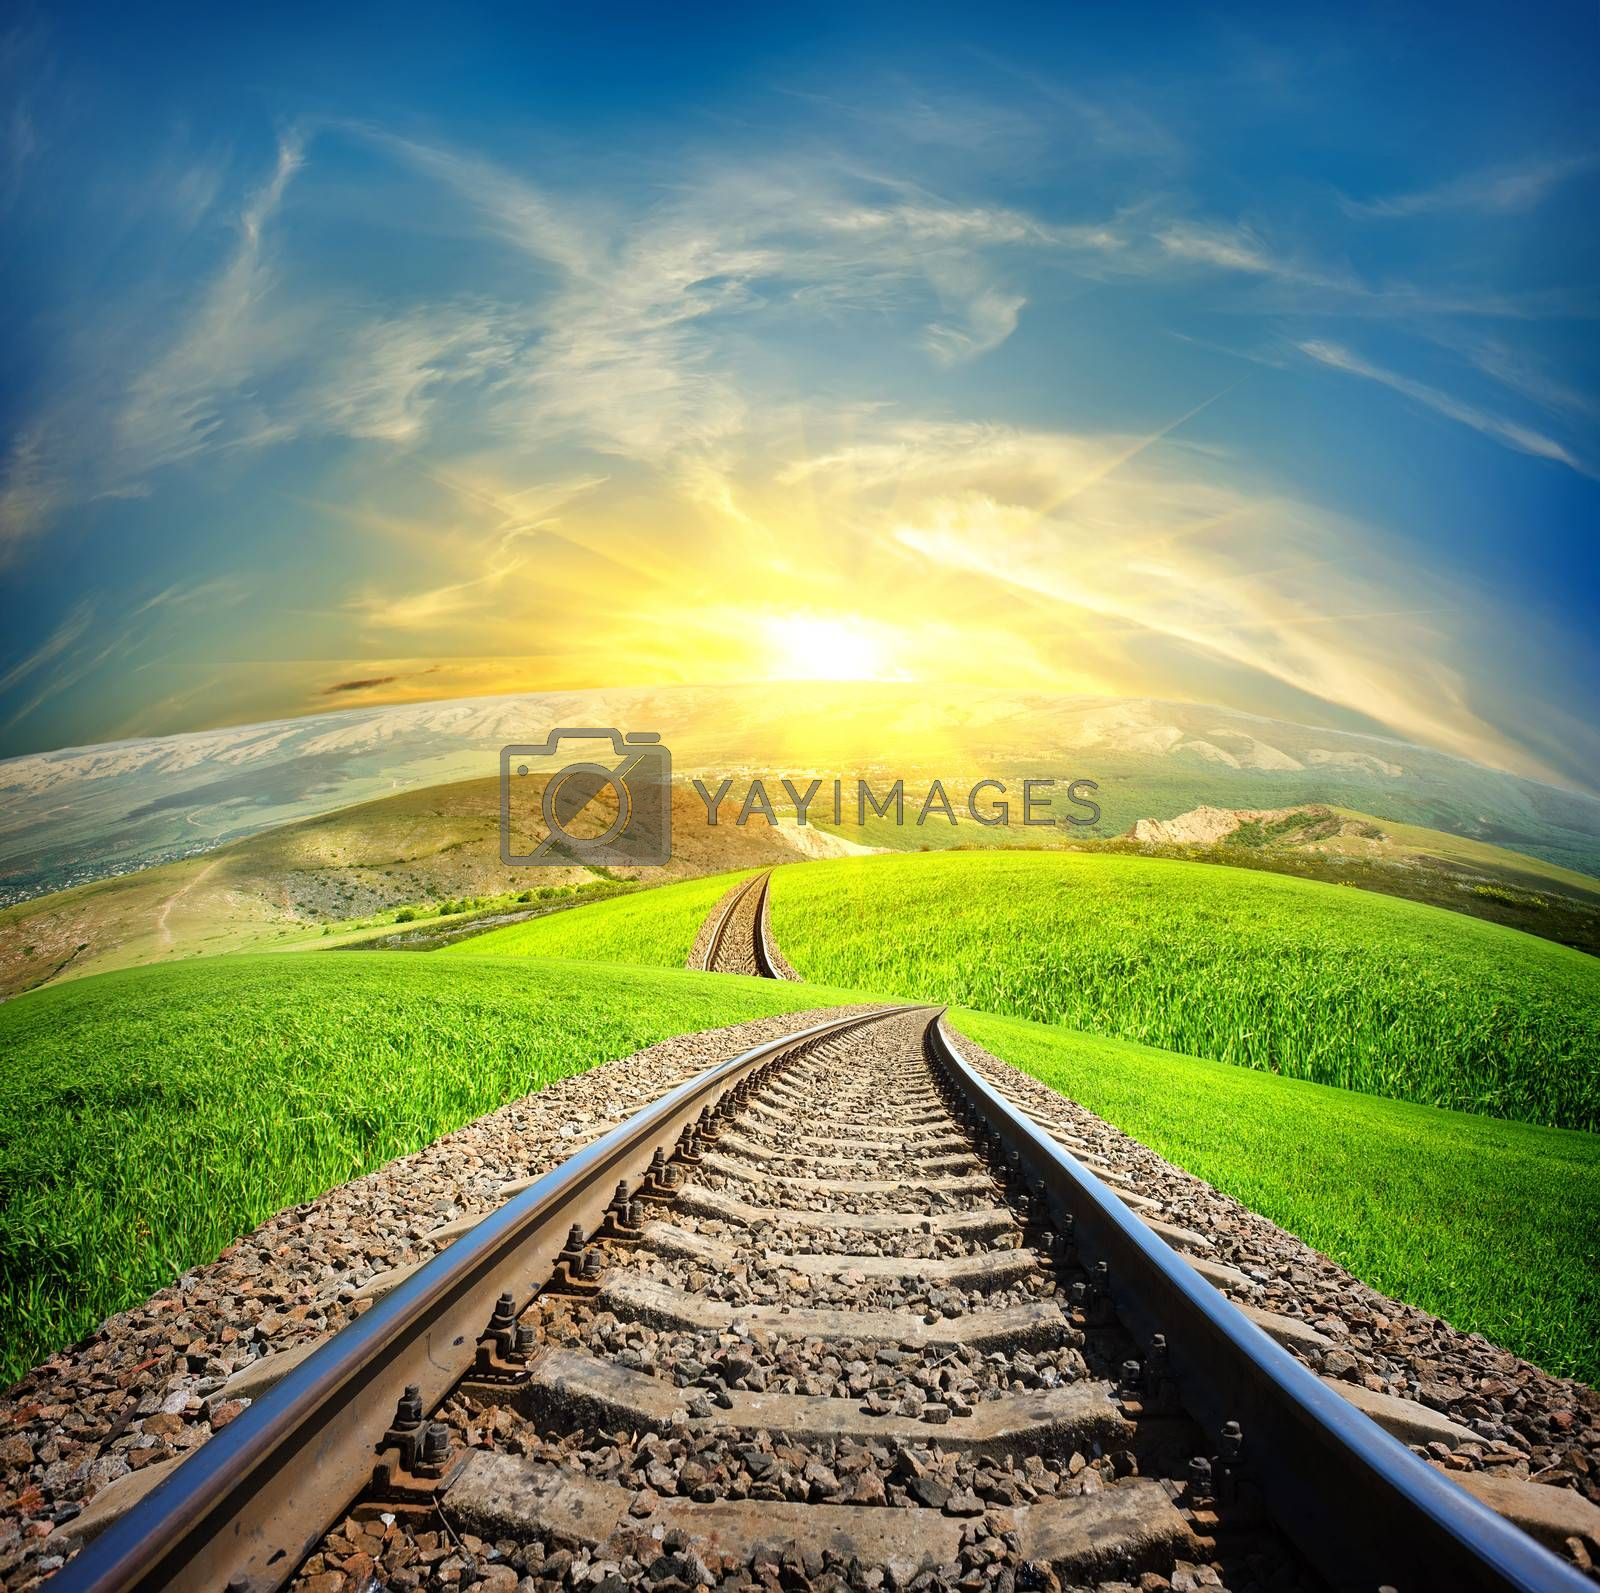 Railway in mountain fields in the sunlight